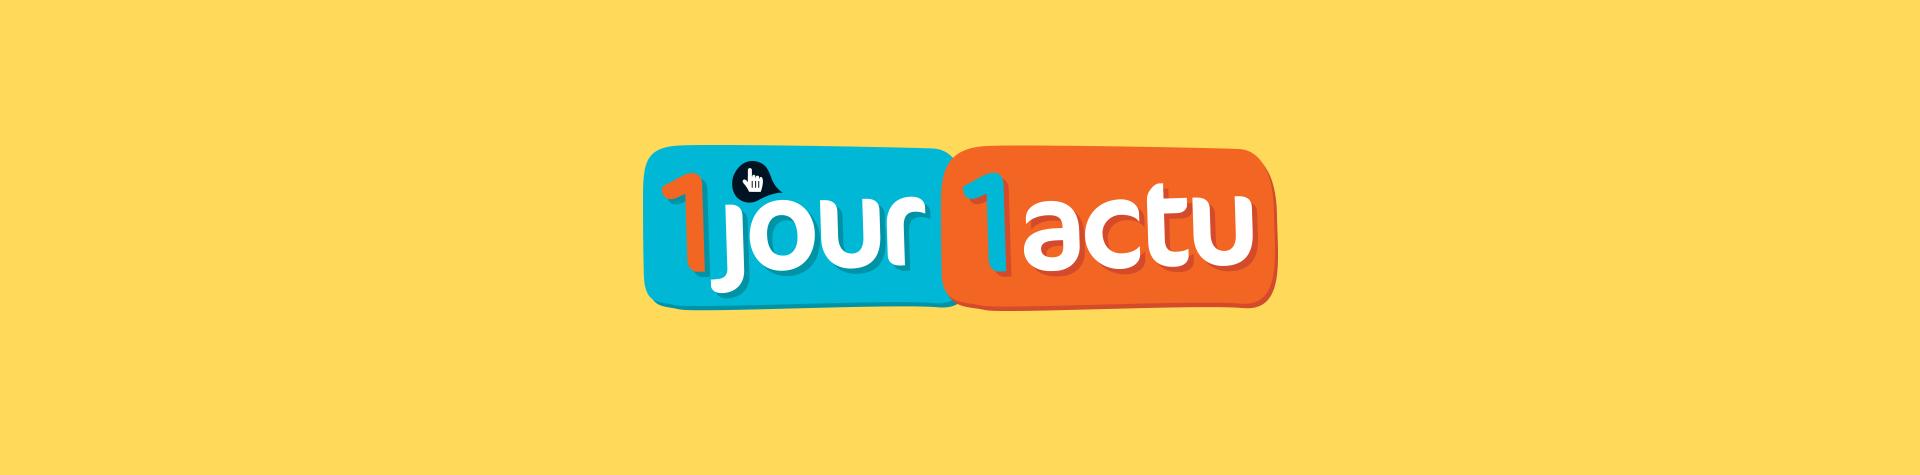 Logo 1 jour 1 actu